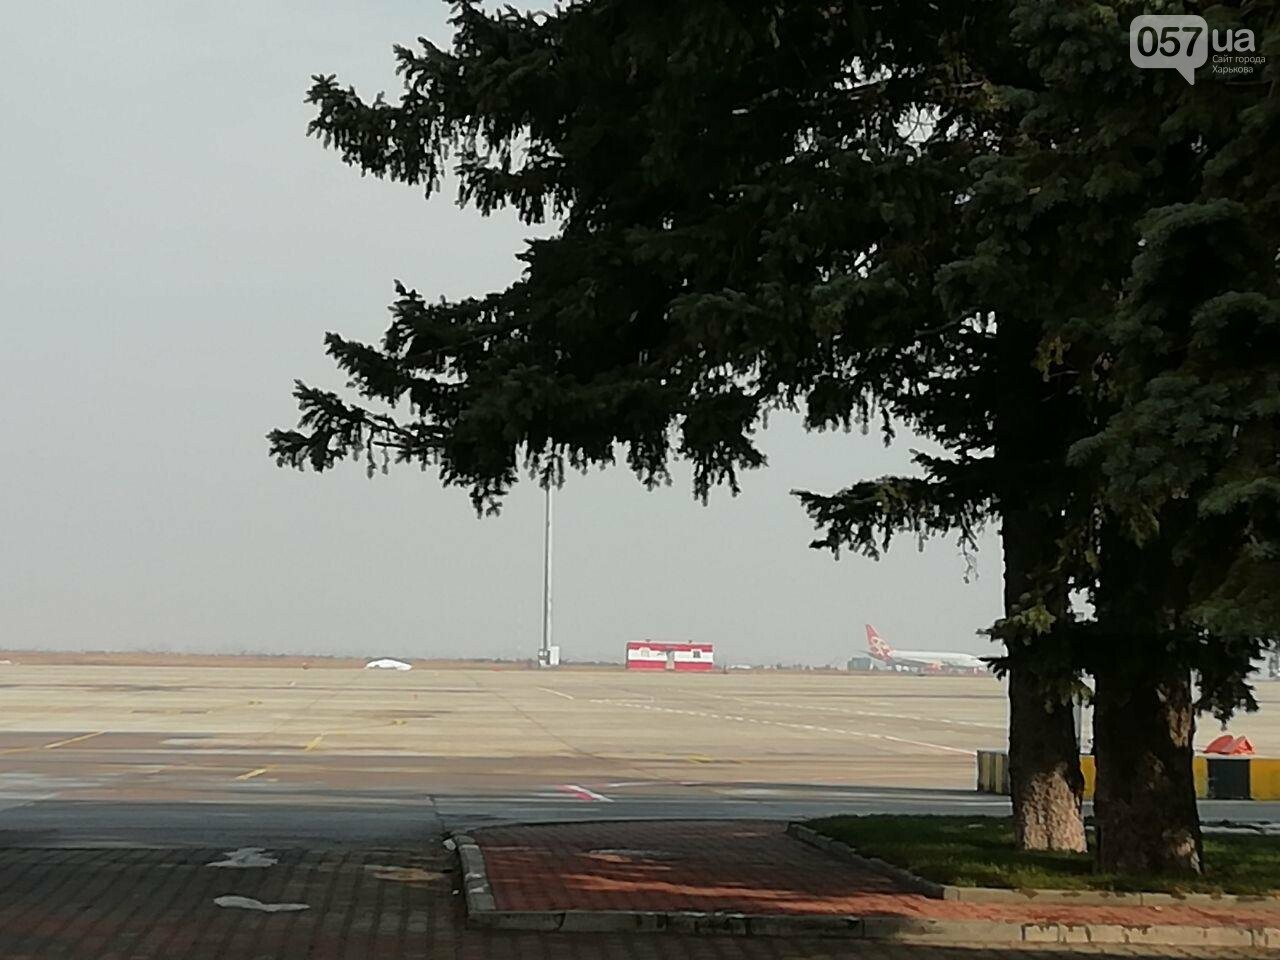 В харьковском аэропорту приземлился самолет с эвакуированными пассажирами из Китая, - ОНЛАЙН-ТРАНСЛЯЦИЯ, фото-13